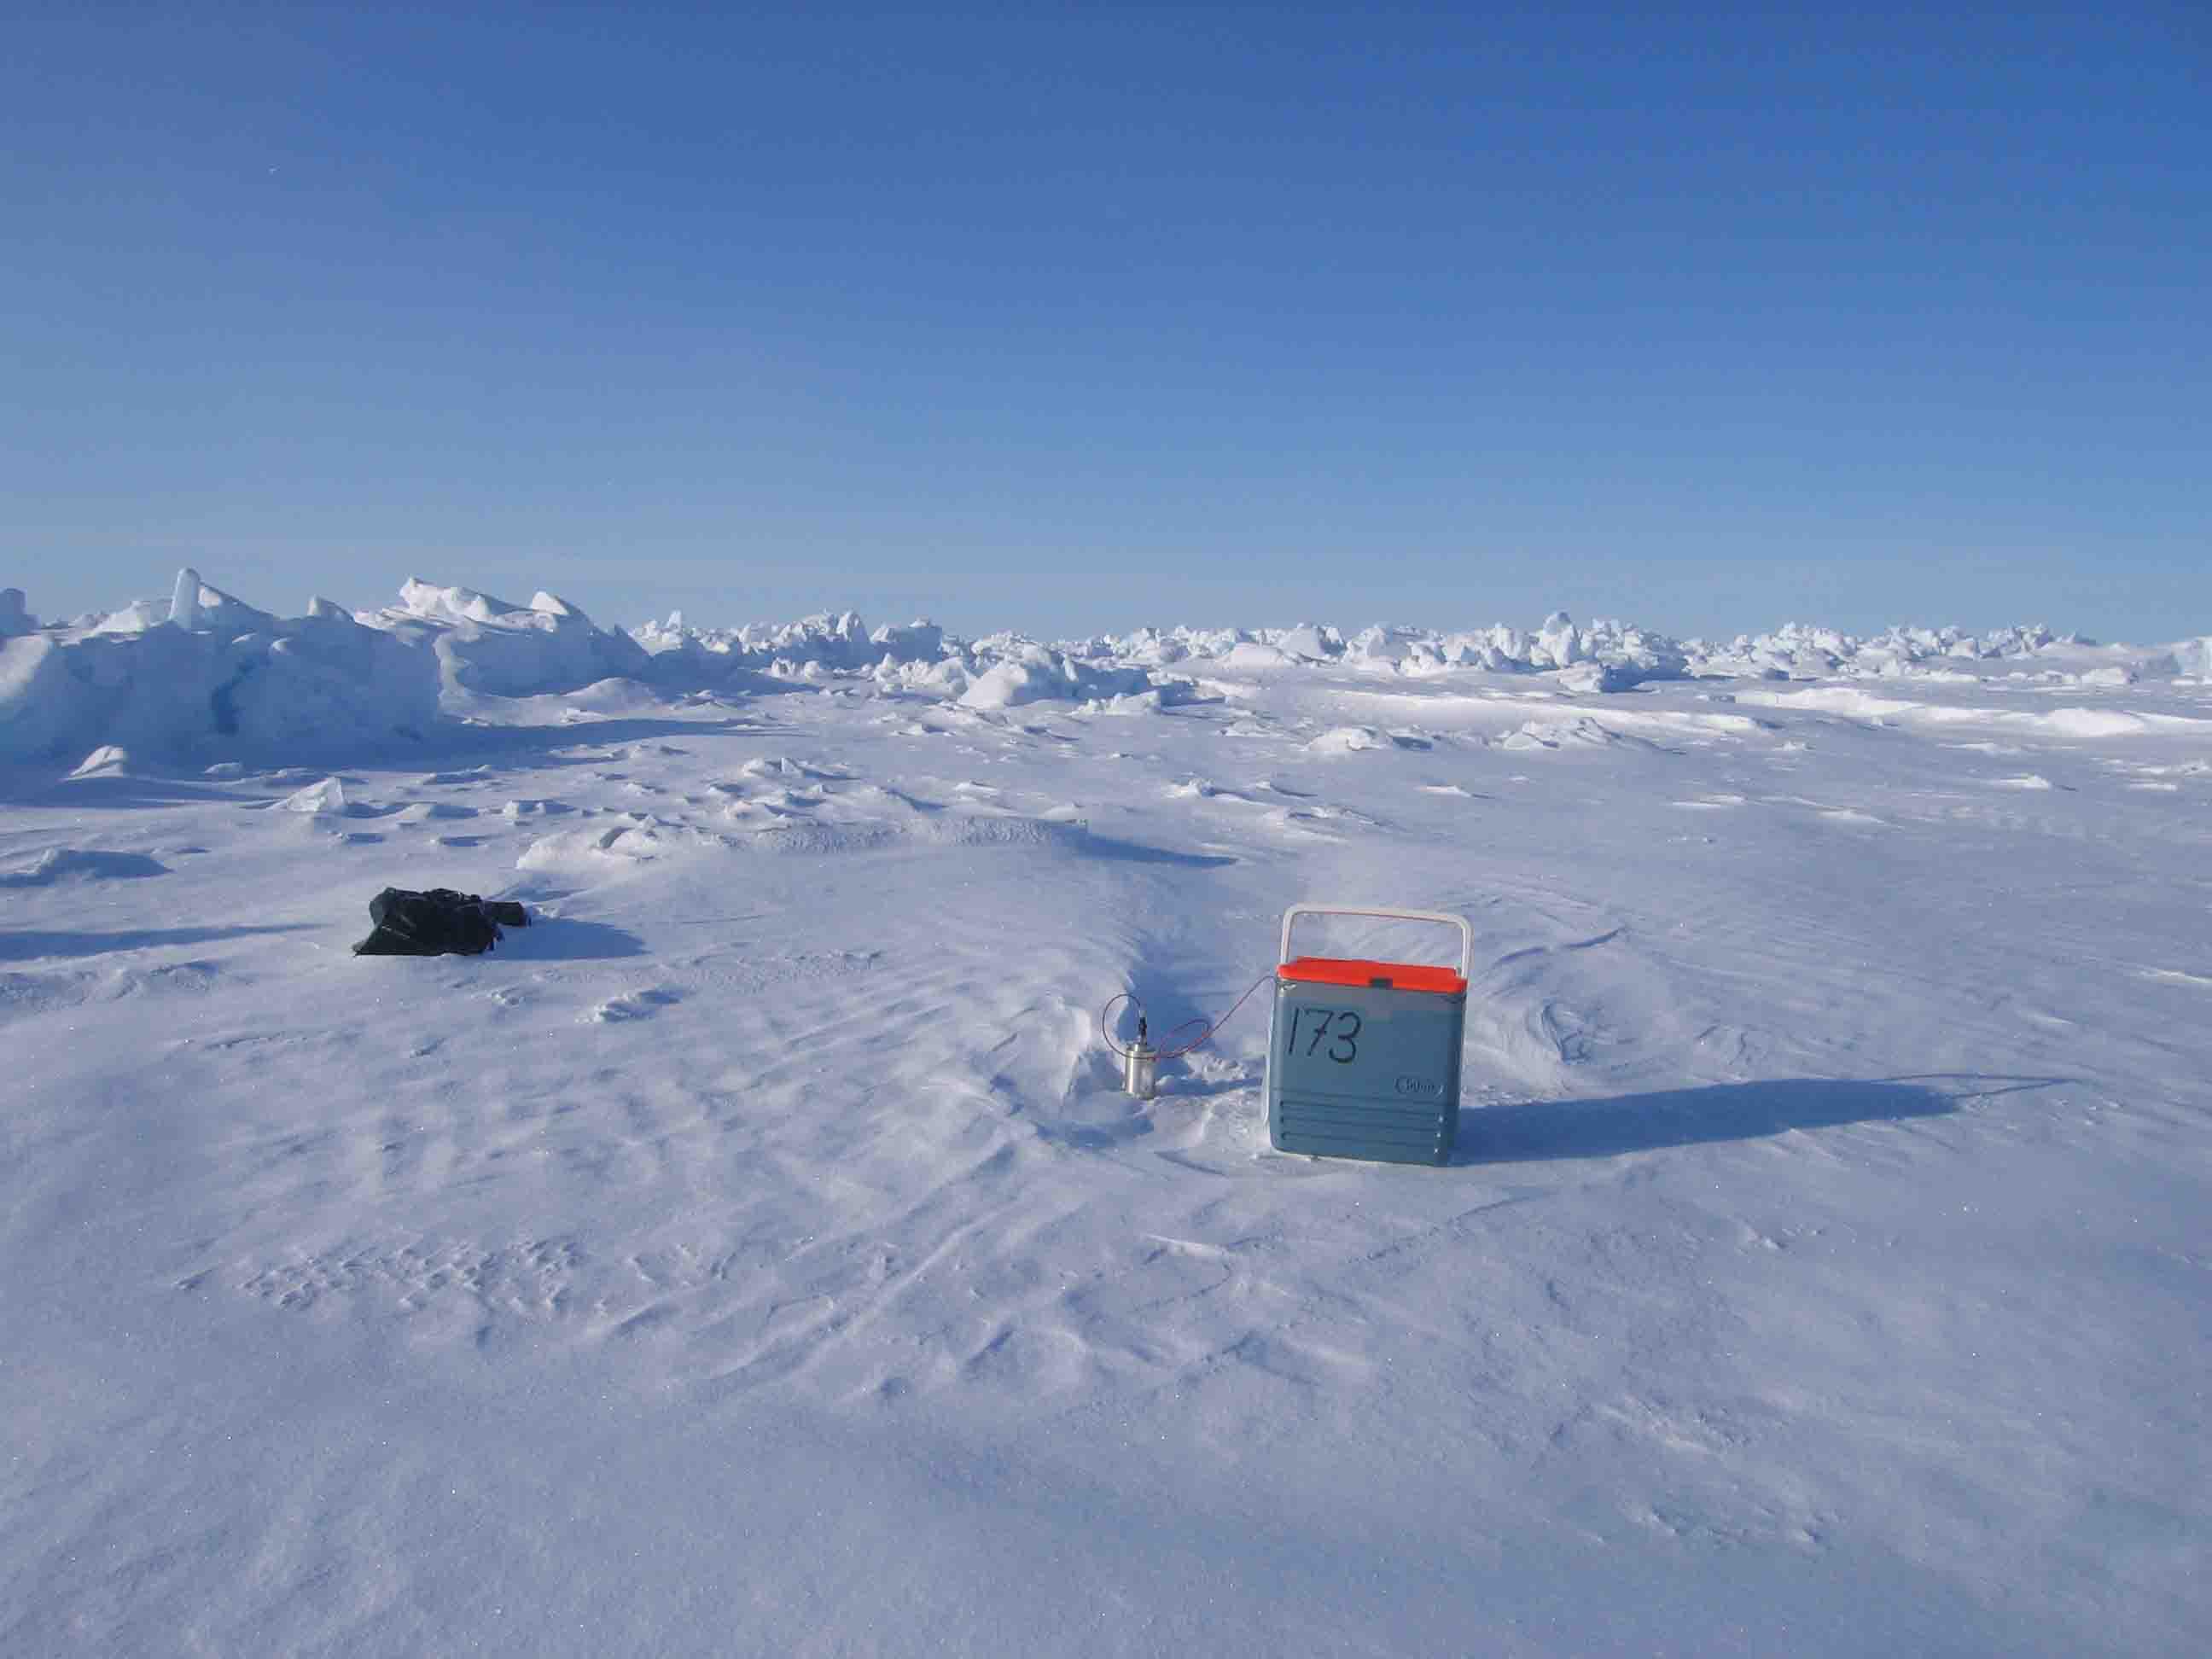 Receiver på isen, der ikke er blevet dækket af sne. Under disse forhold er det let at finde instrumenterne. Køletasken holder batterier og datalogger varme. Tasken er forbundet med et seismometer, der står til venstre for tasken. Seismometeret opfanger bølgerne fra sprængningerne.